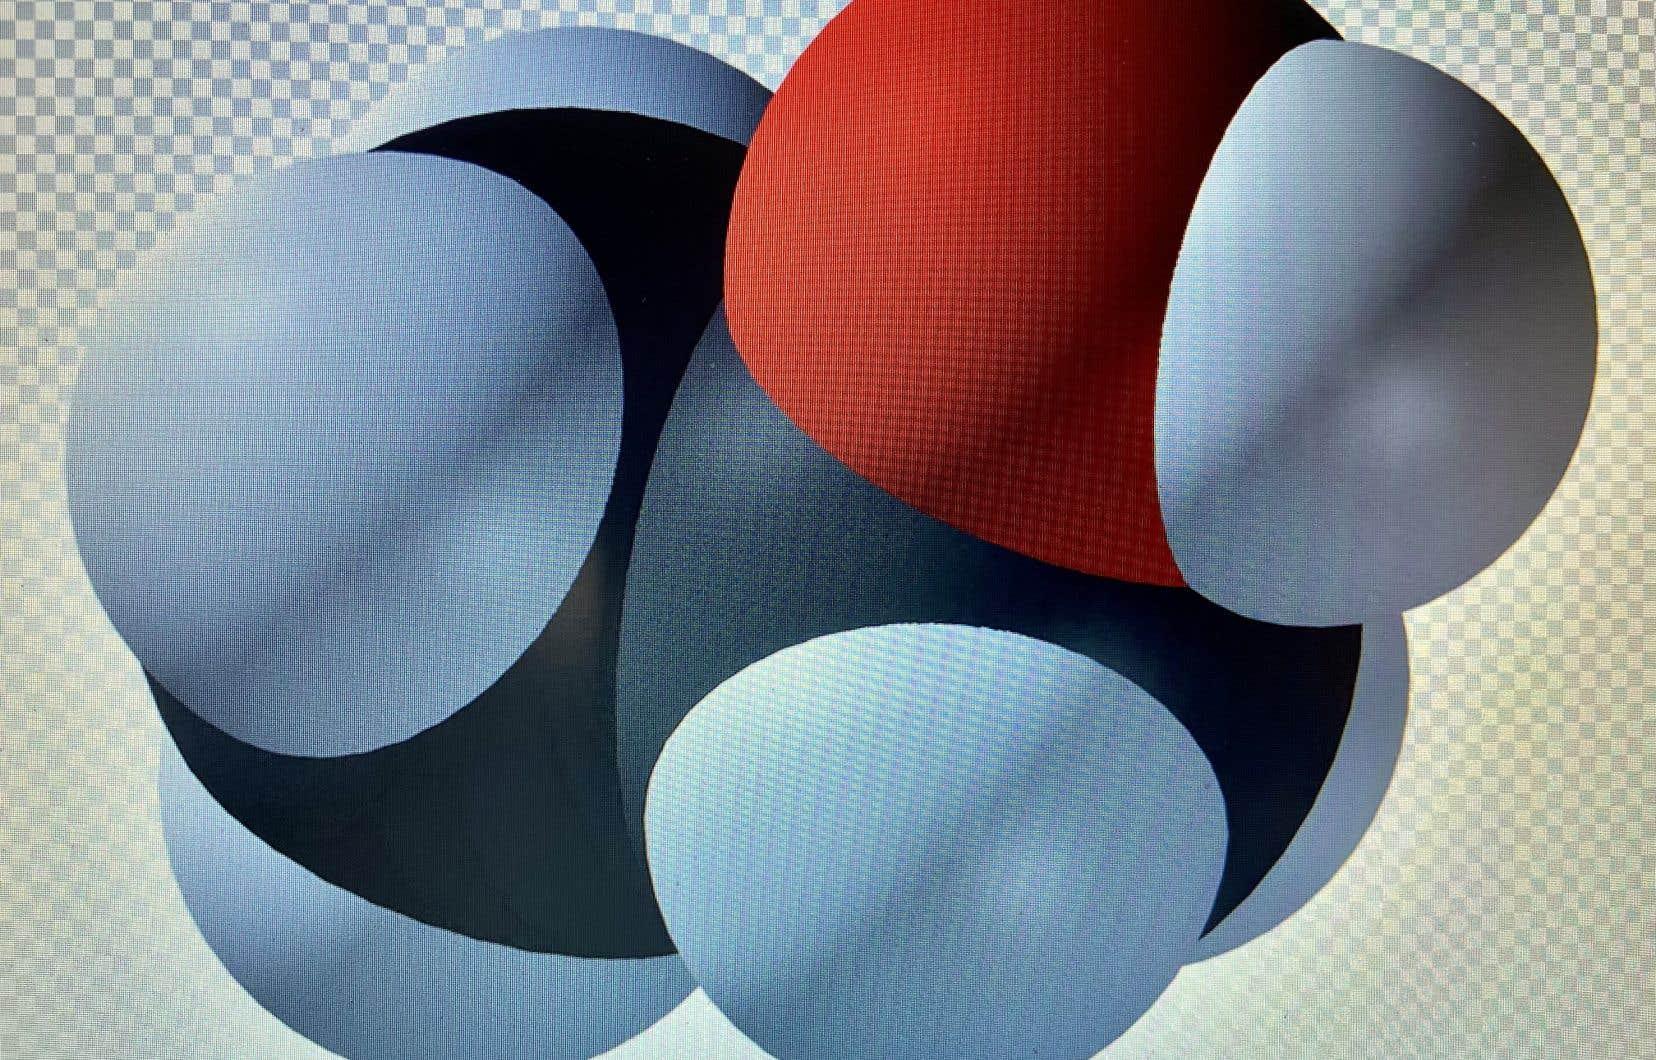 Non, ce n'est pas une excroissance virale du coronavirus mais la configuration moléculaire de l'éthanol, soit, CH3-CH2OH!